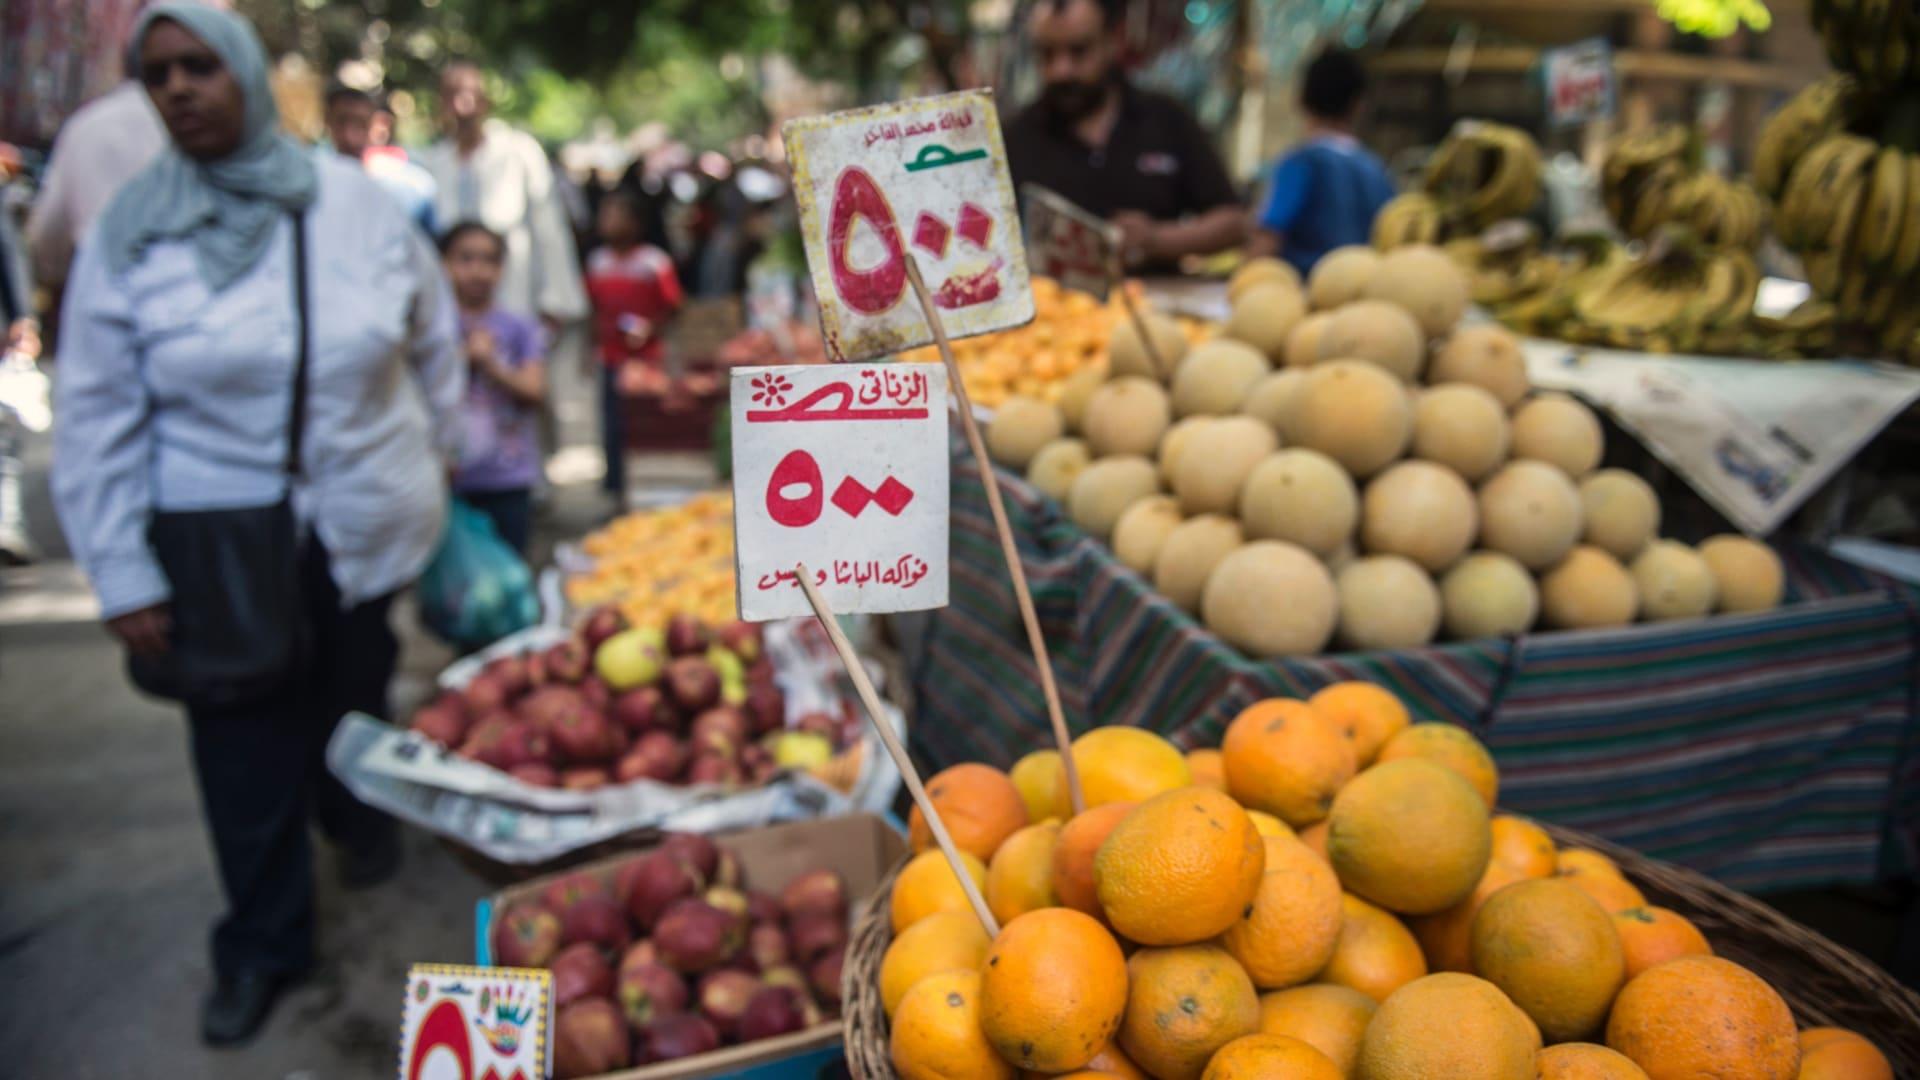 خبير مالي لـCNN: هذه أسباب رفع أسعار الفائدة في مصر.. وما يعنيه ارتفاع احتياطيات النقد الأجنبي